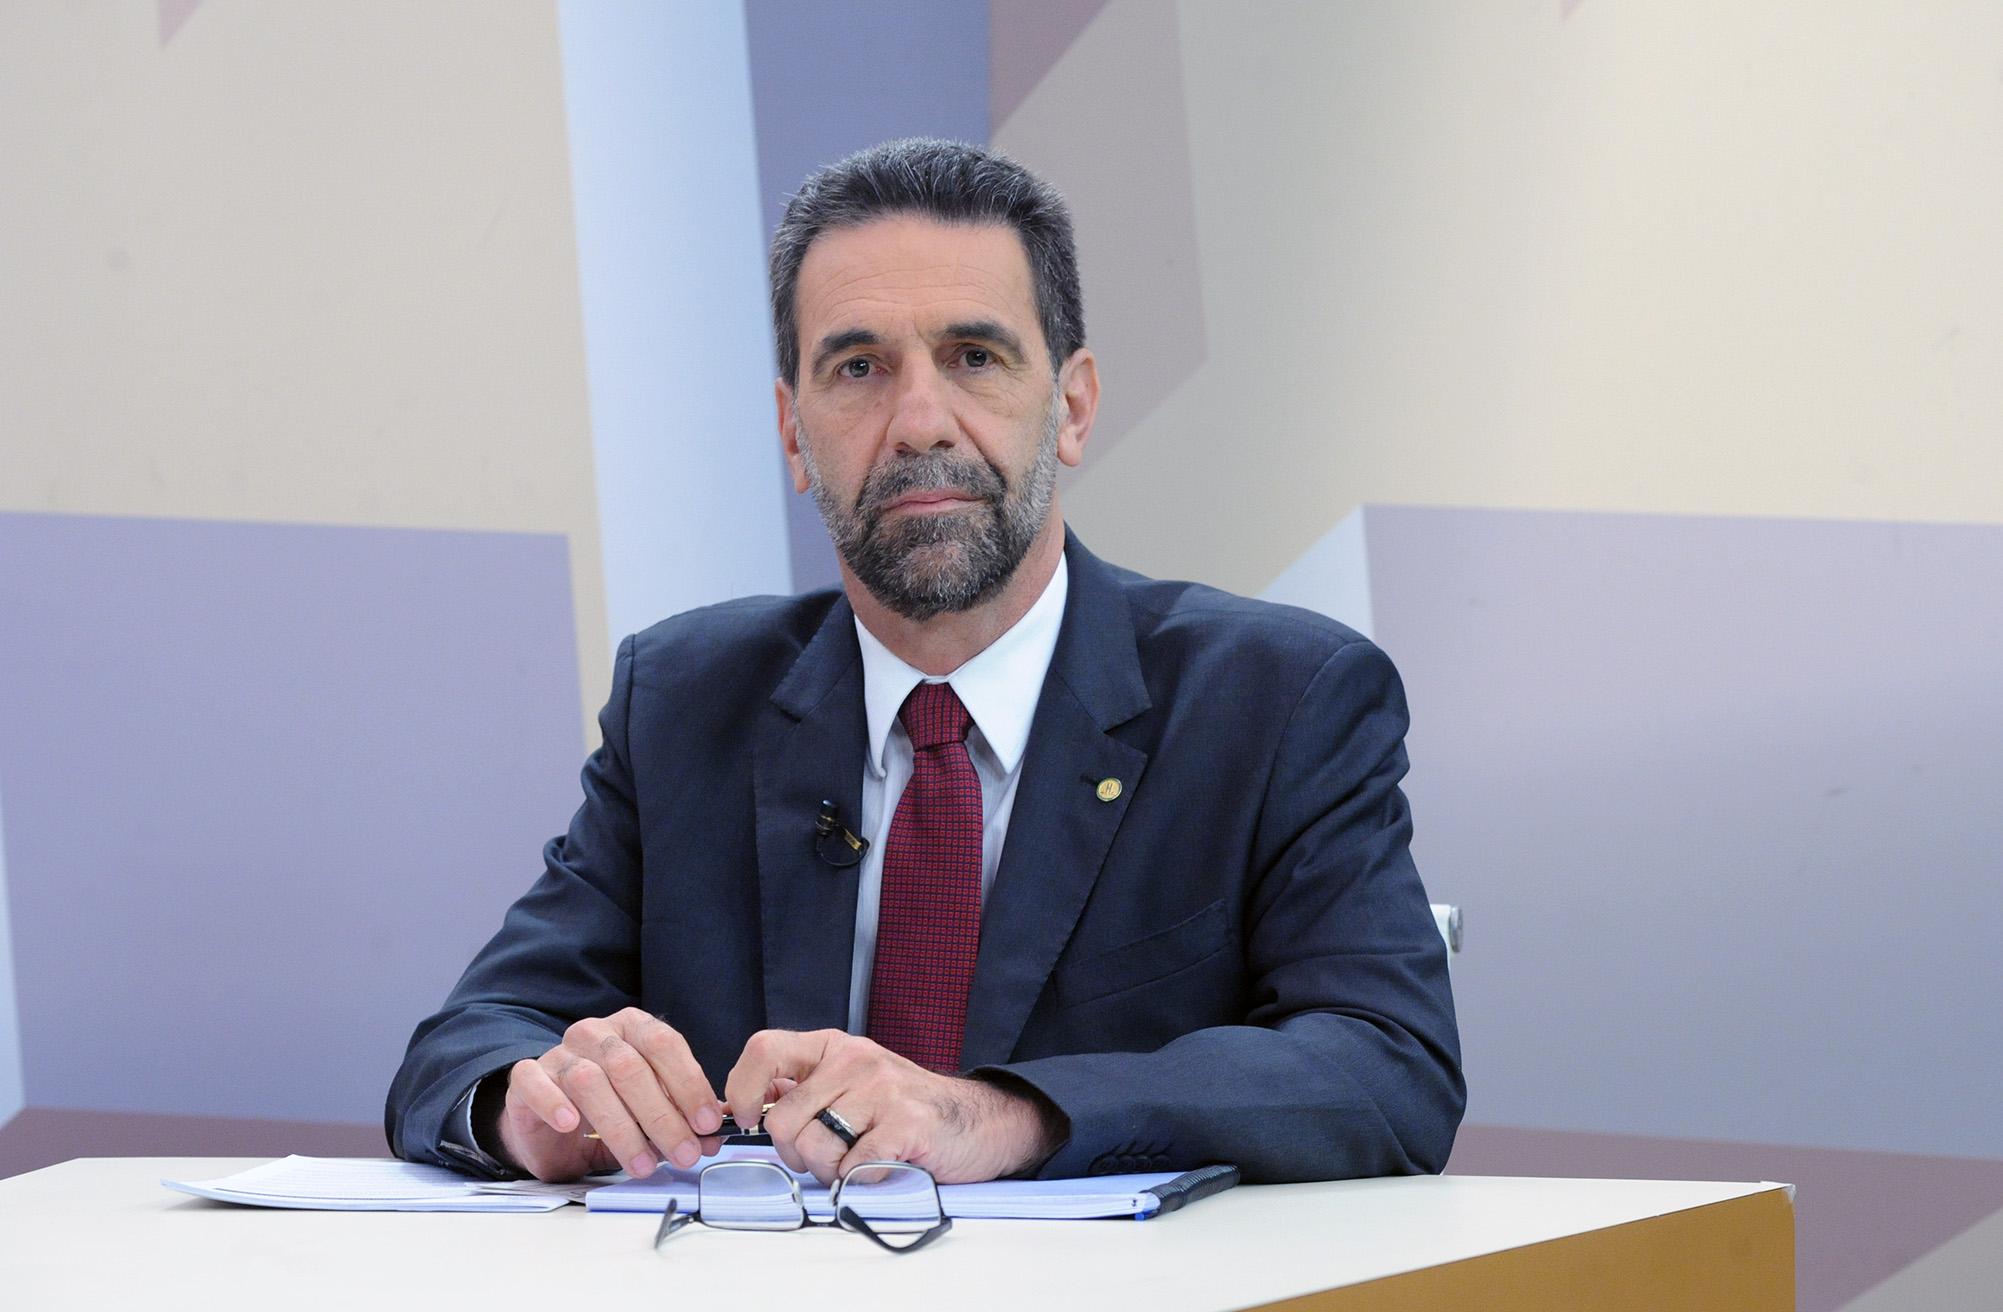 O Expressão Nacional desta semana debate sobre gastos públicos. Dep. Enio Verri (PT/PR